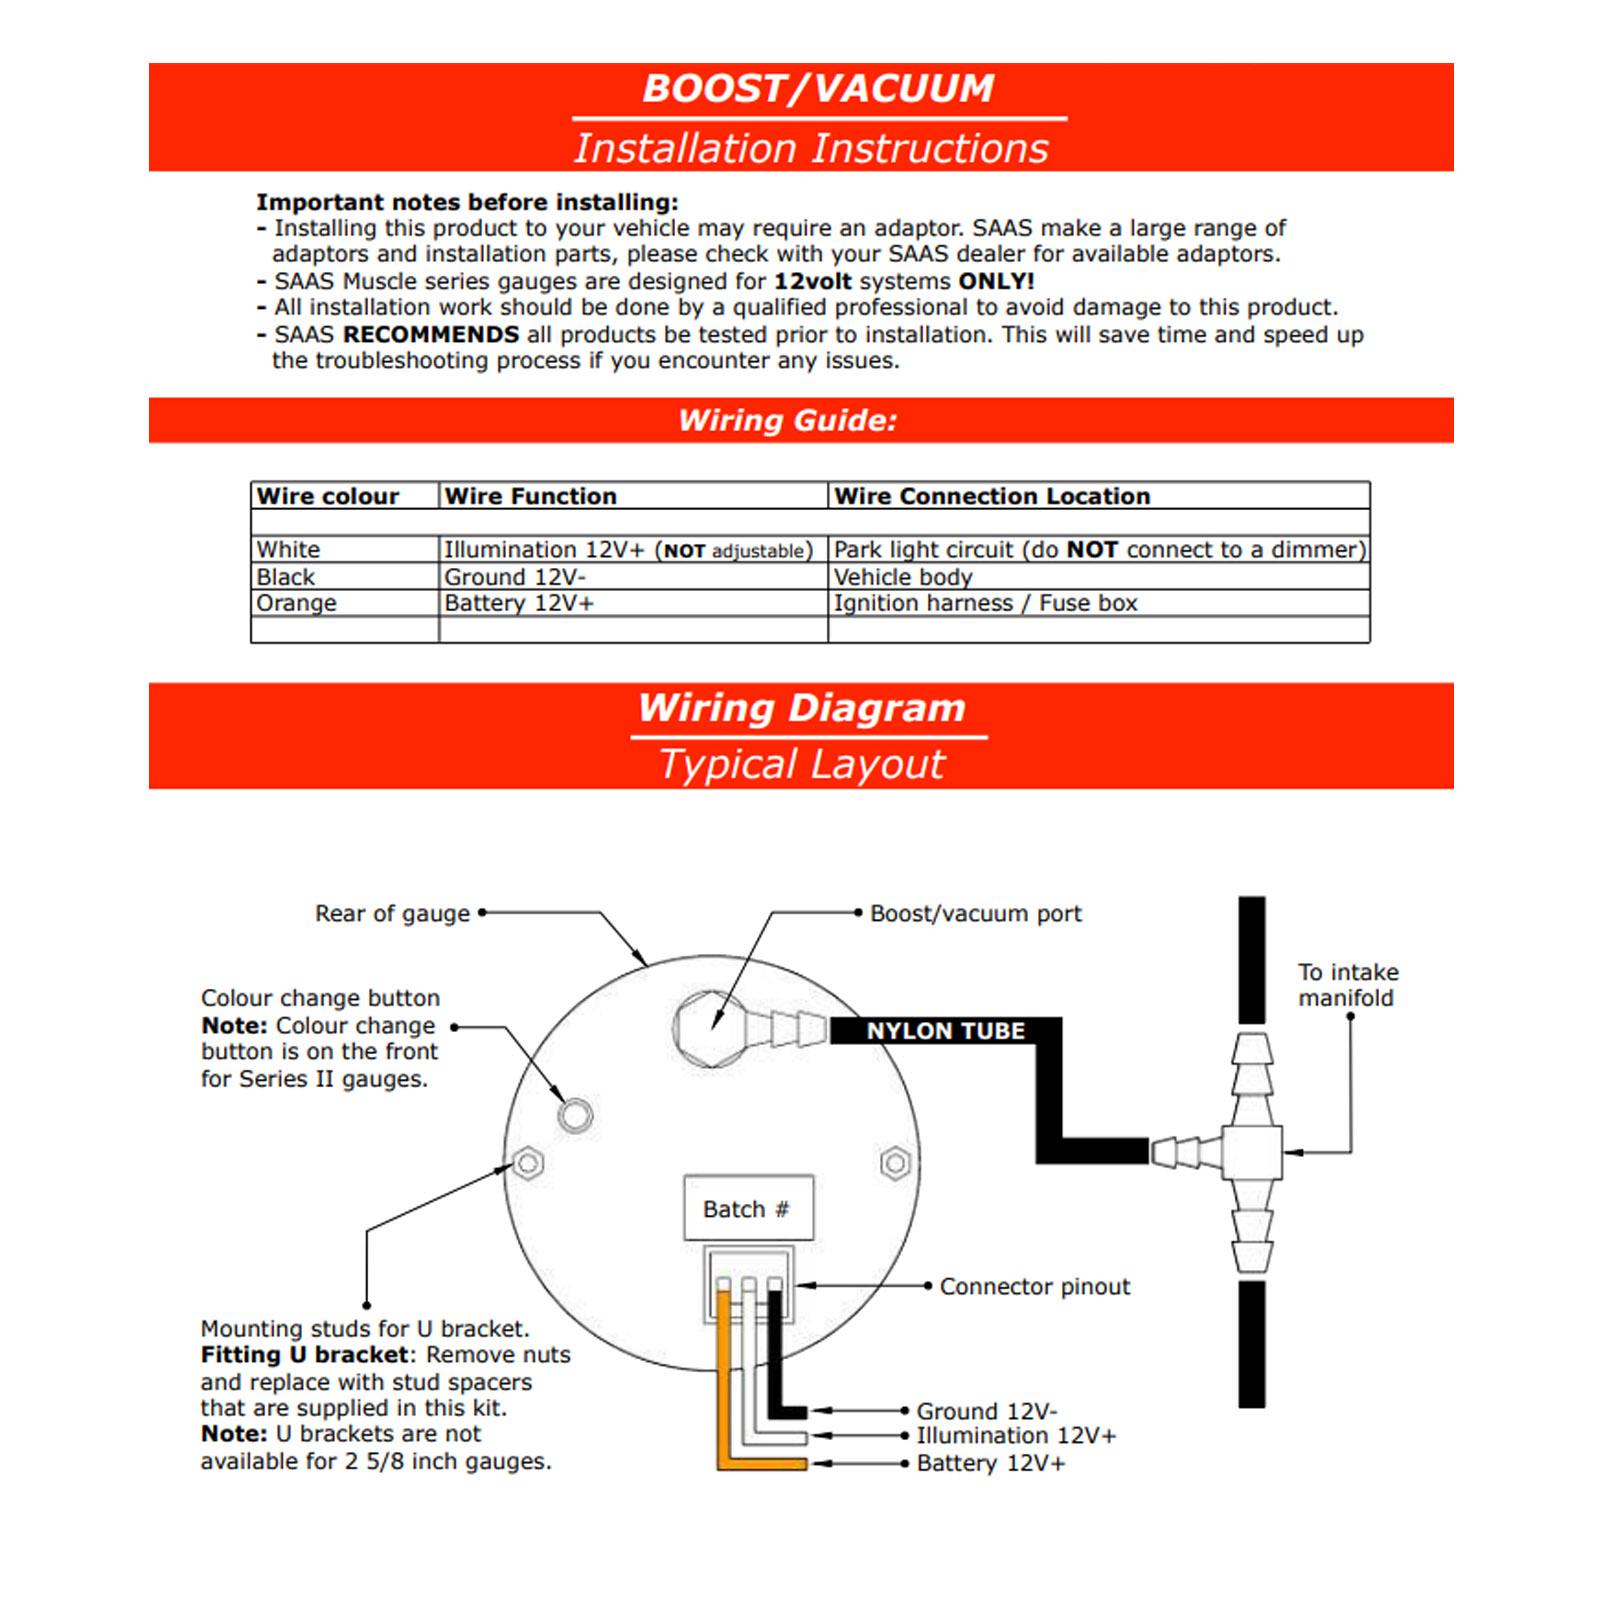 hight resolution of vdo temperature gauge wiring diagram vdo image vdo fuel sender wiring diagram images vdo marine tachometer